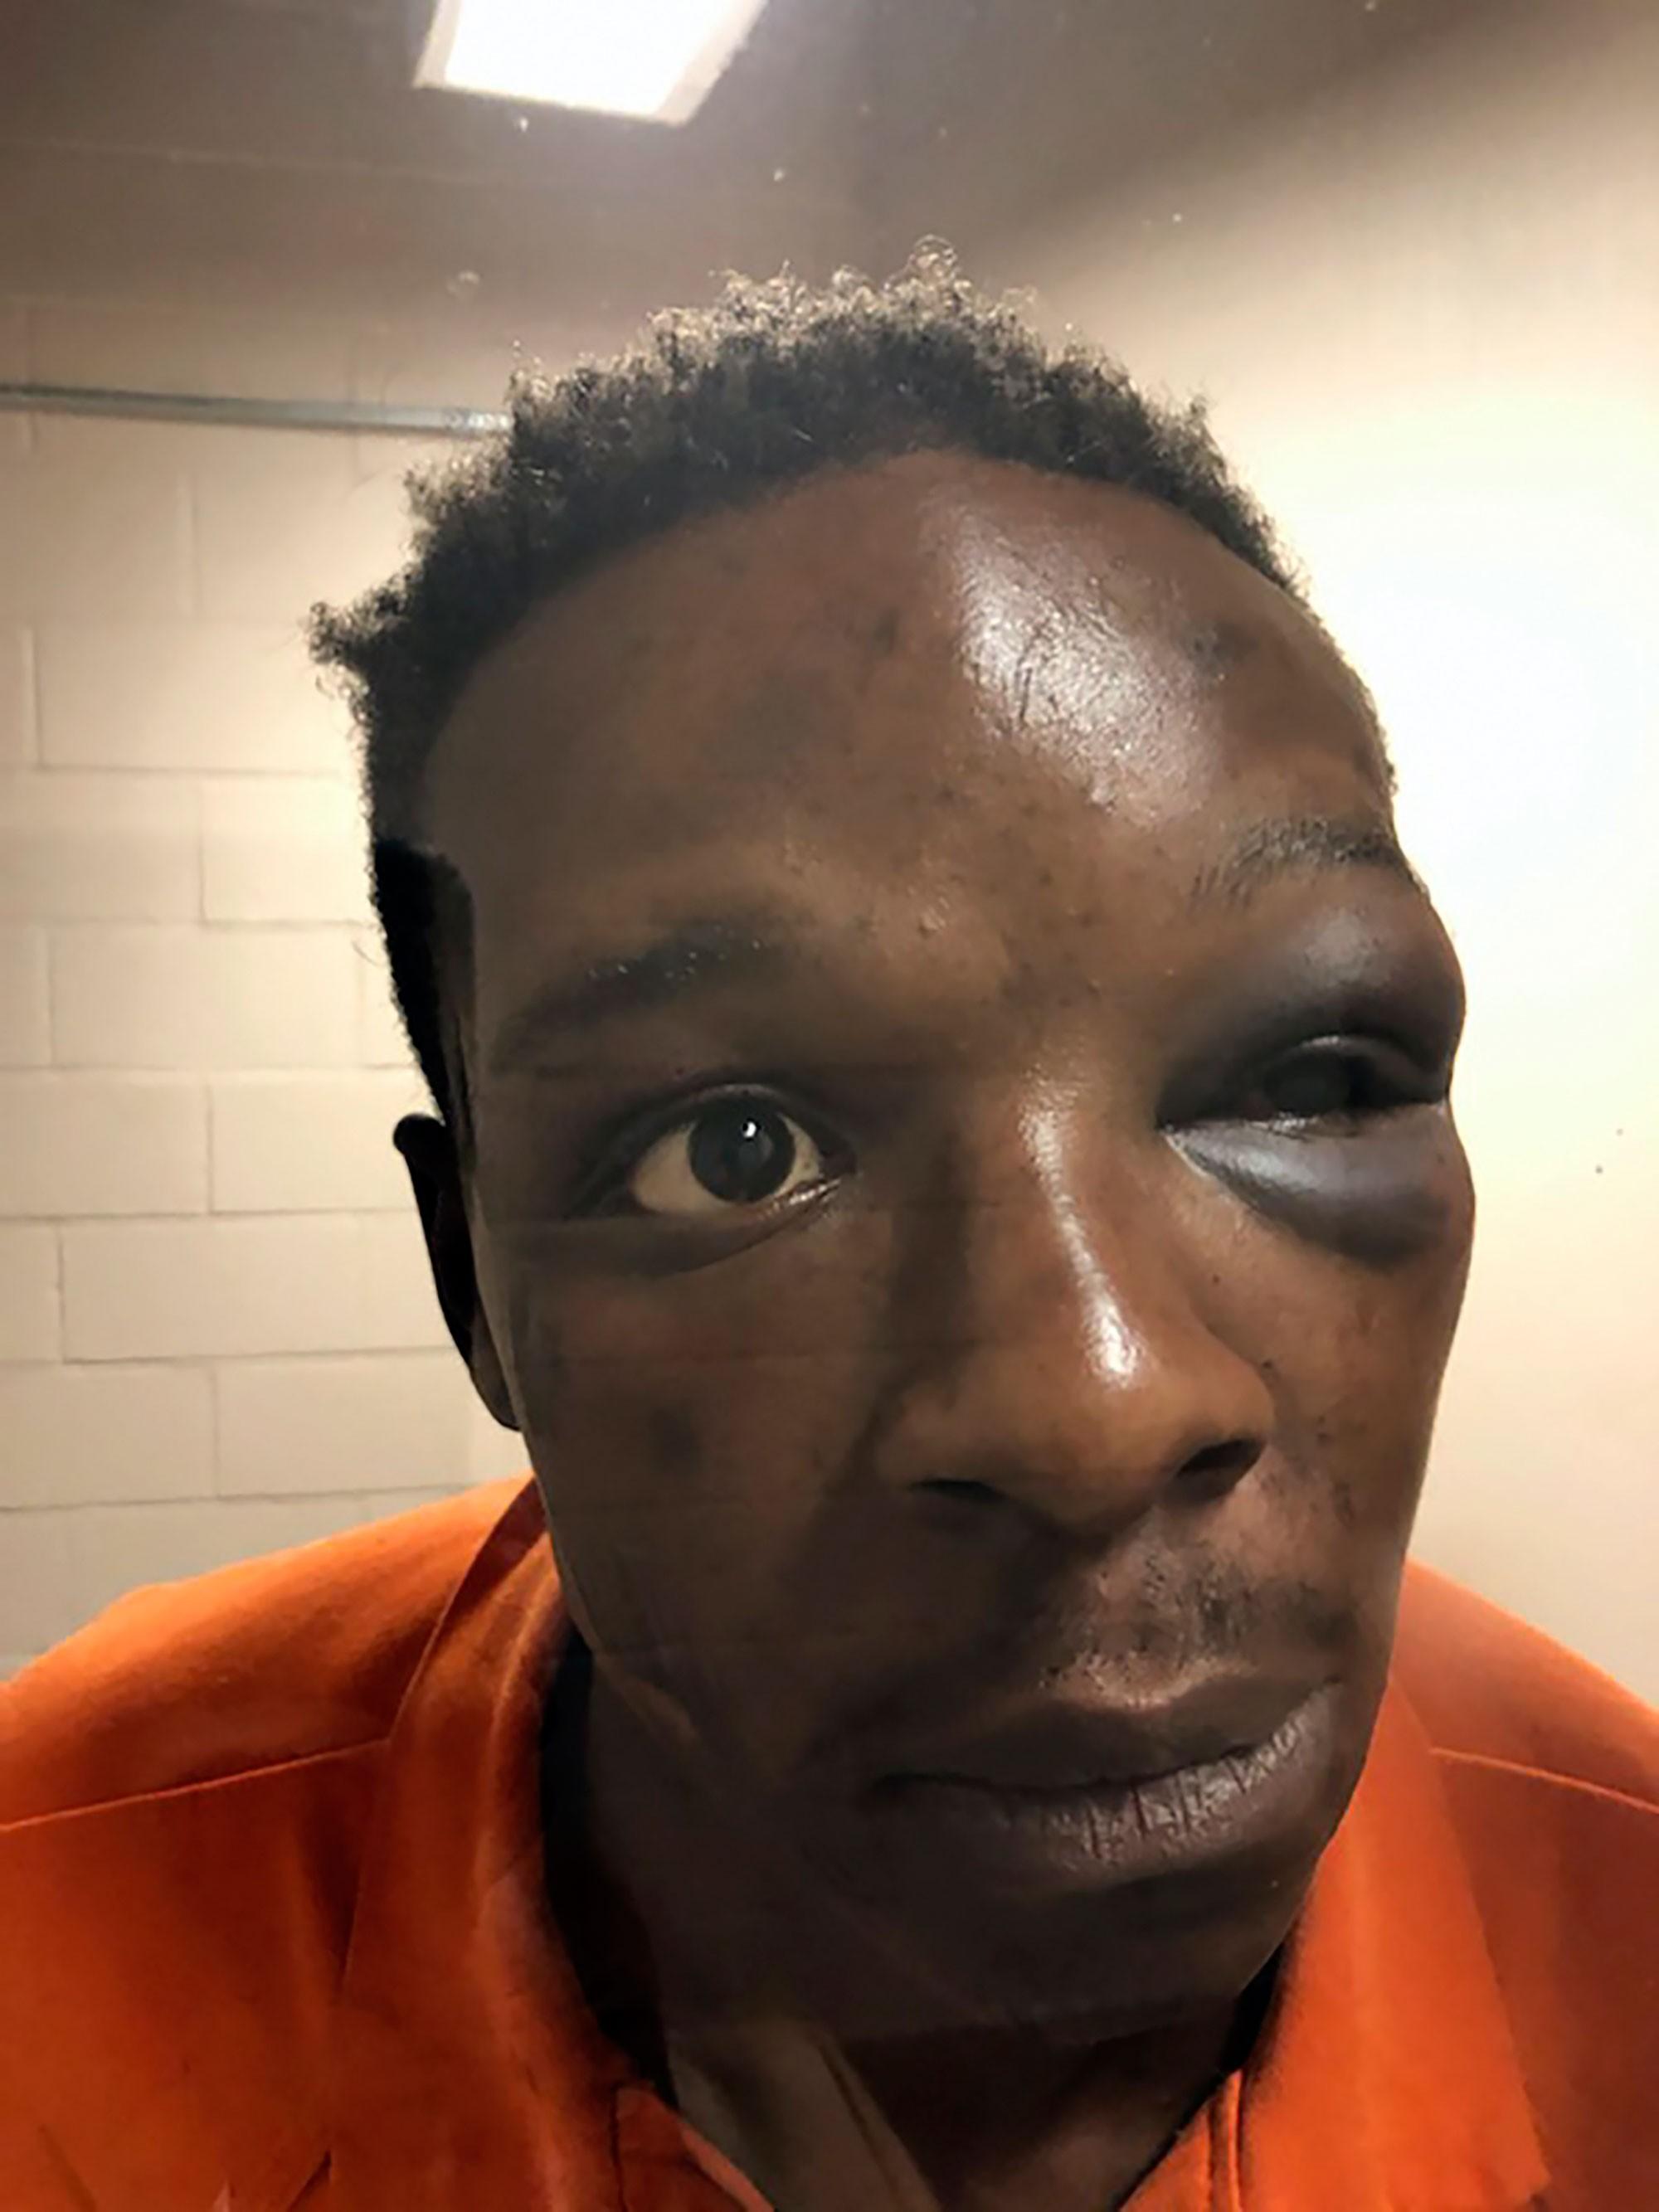 Policial é demitido após dar socos em homem negro nos EUA; VÍDEO mostra agressão